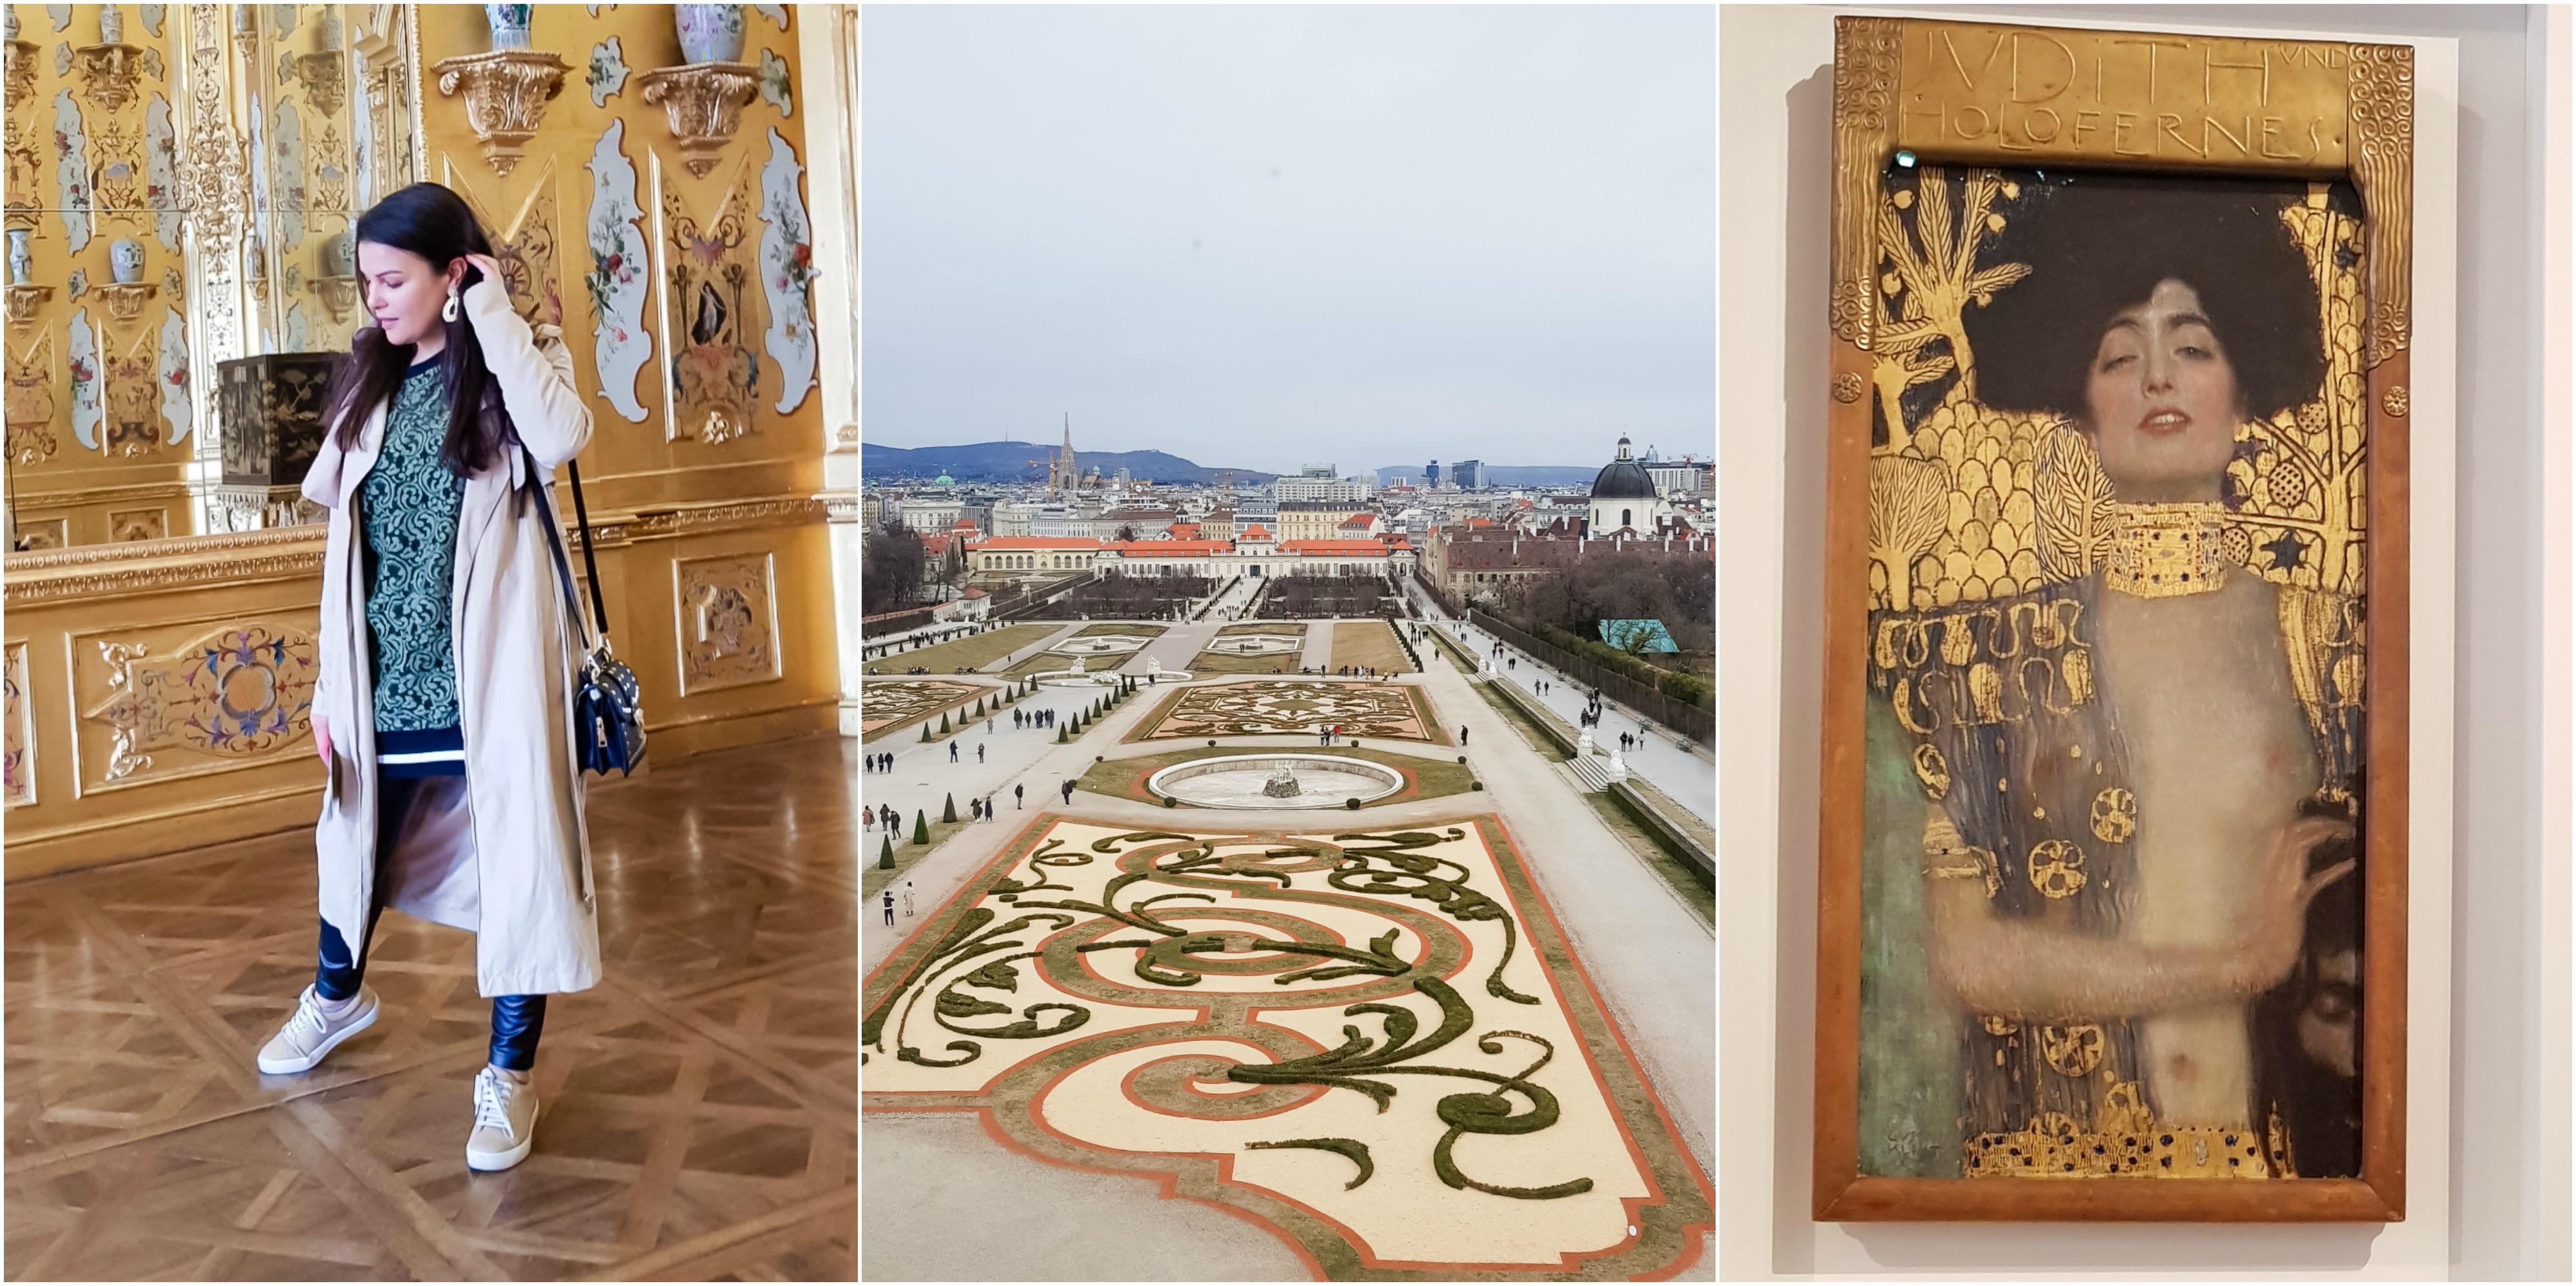 palais-belvedere-vienne-klimt-visiter-découvrir-3-jours